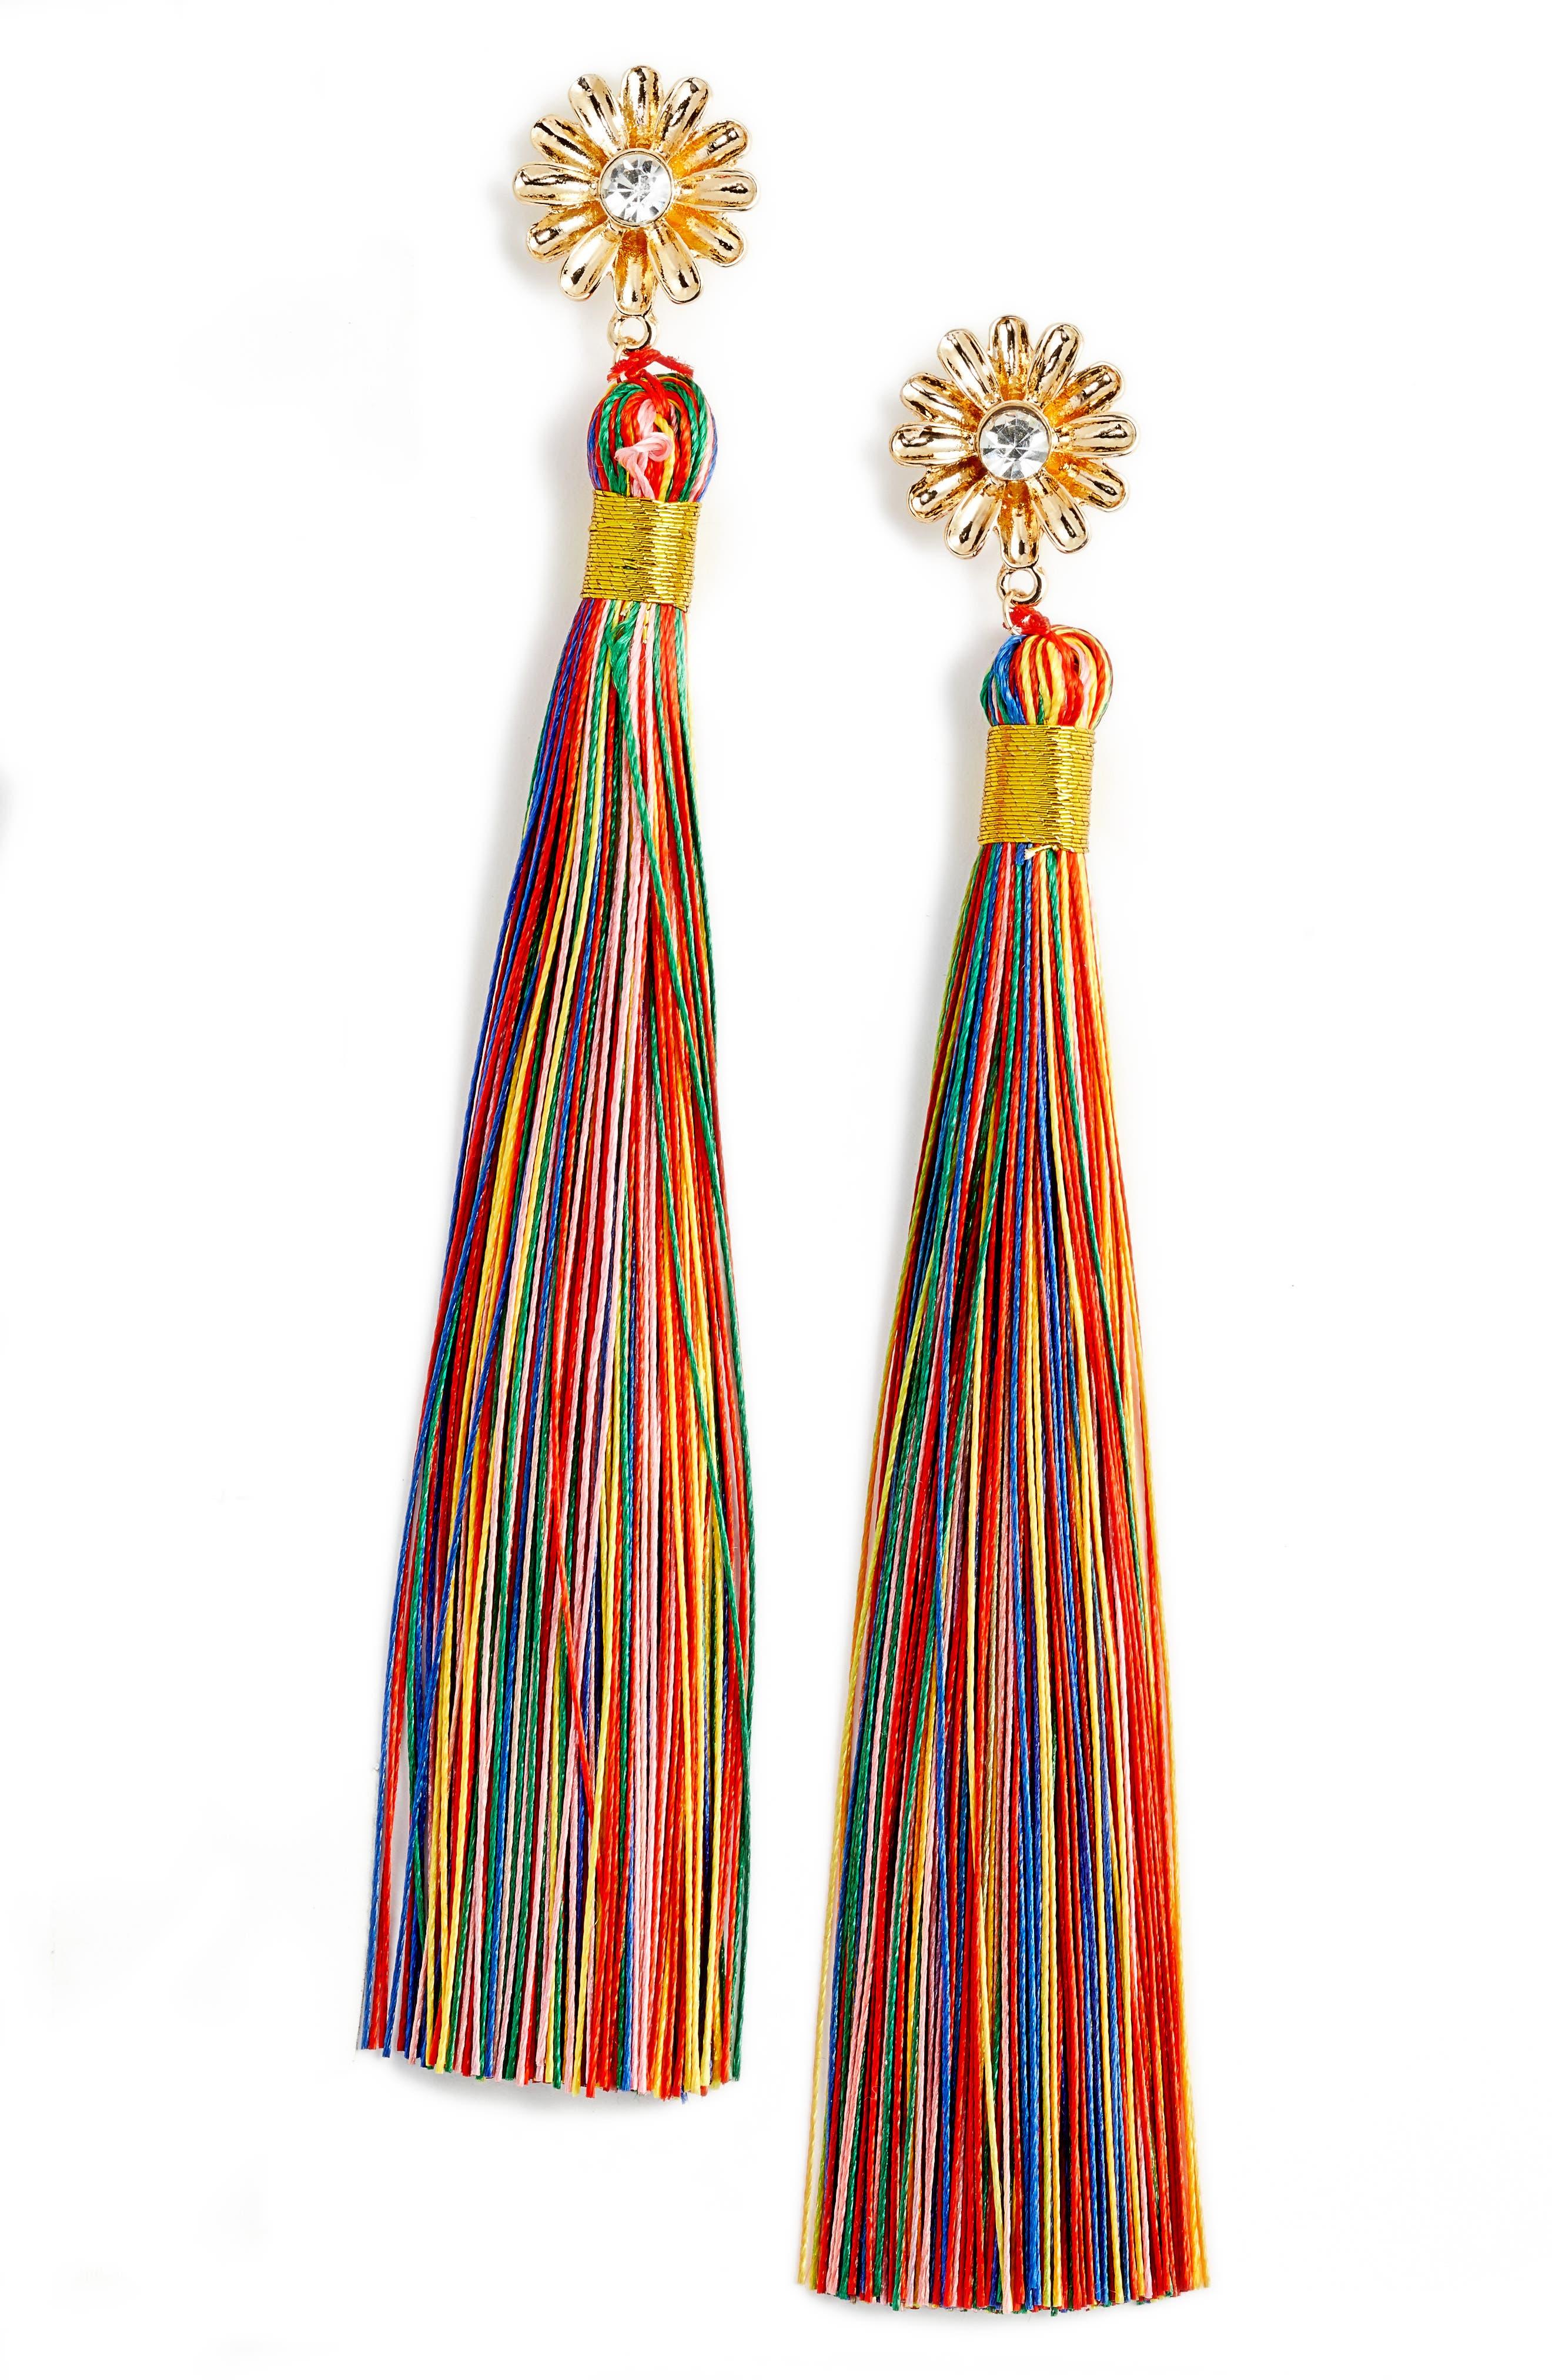 Dolce Tassel Earrings,                         Main,                         color, GOLD/ MULTI